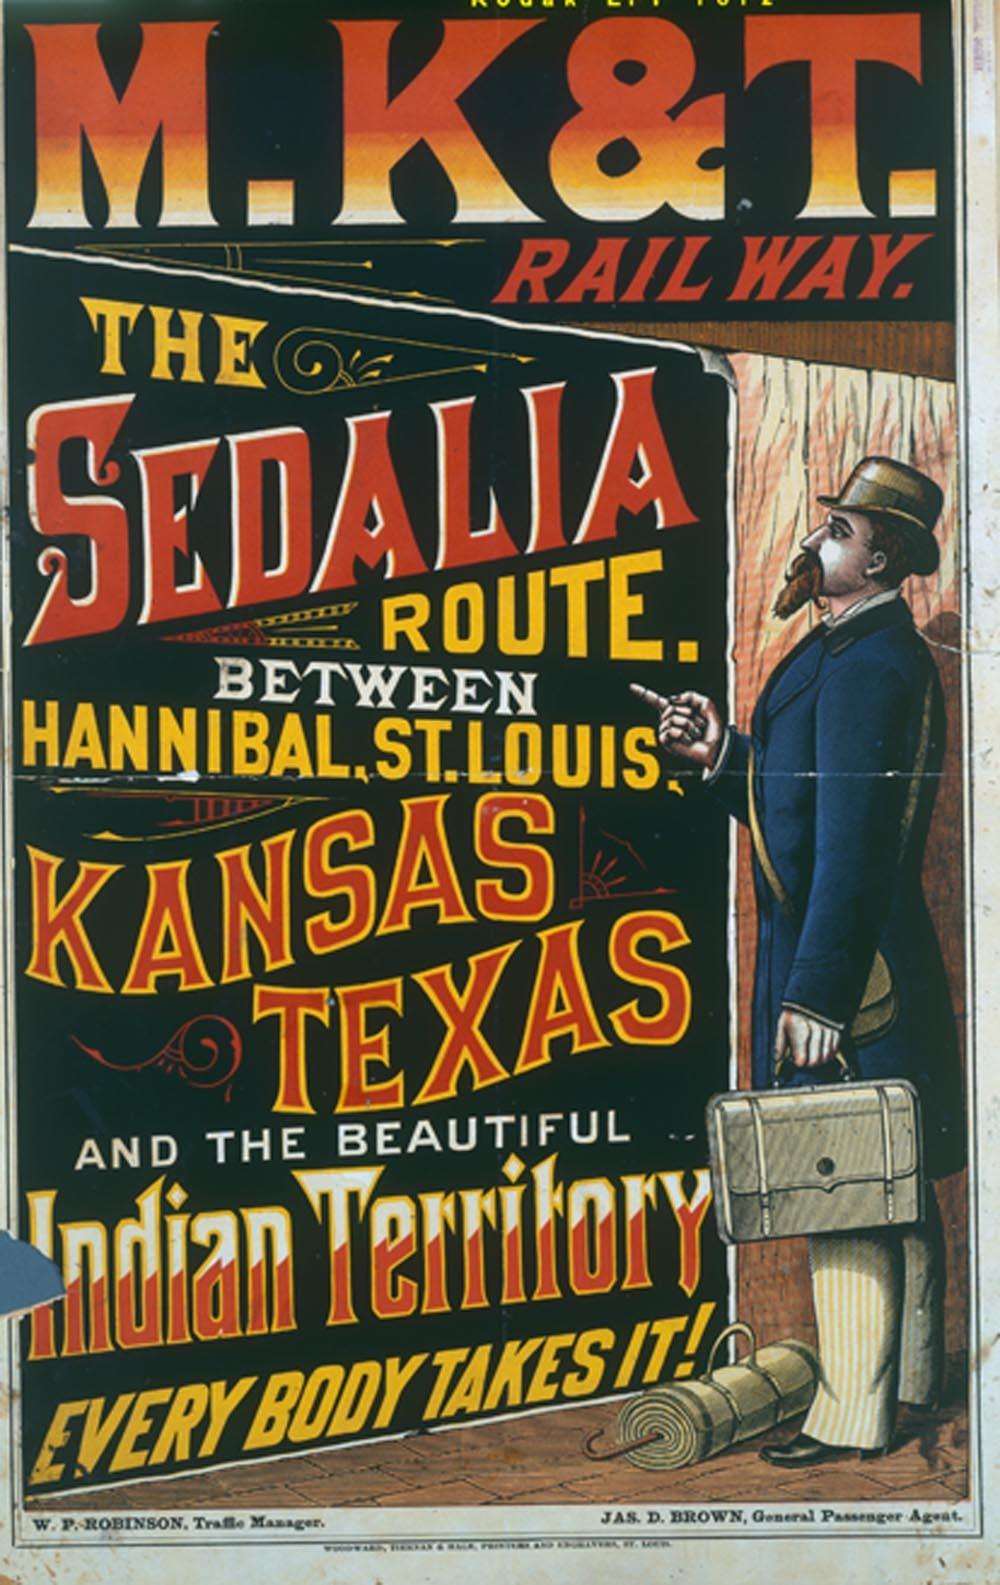 Missouri, Kansas & Texas Railway the Sedalia route...